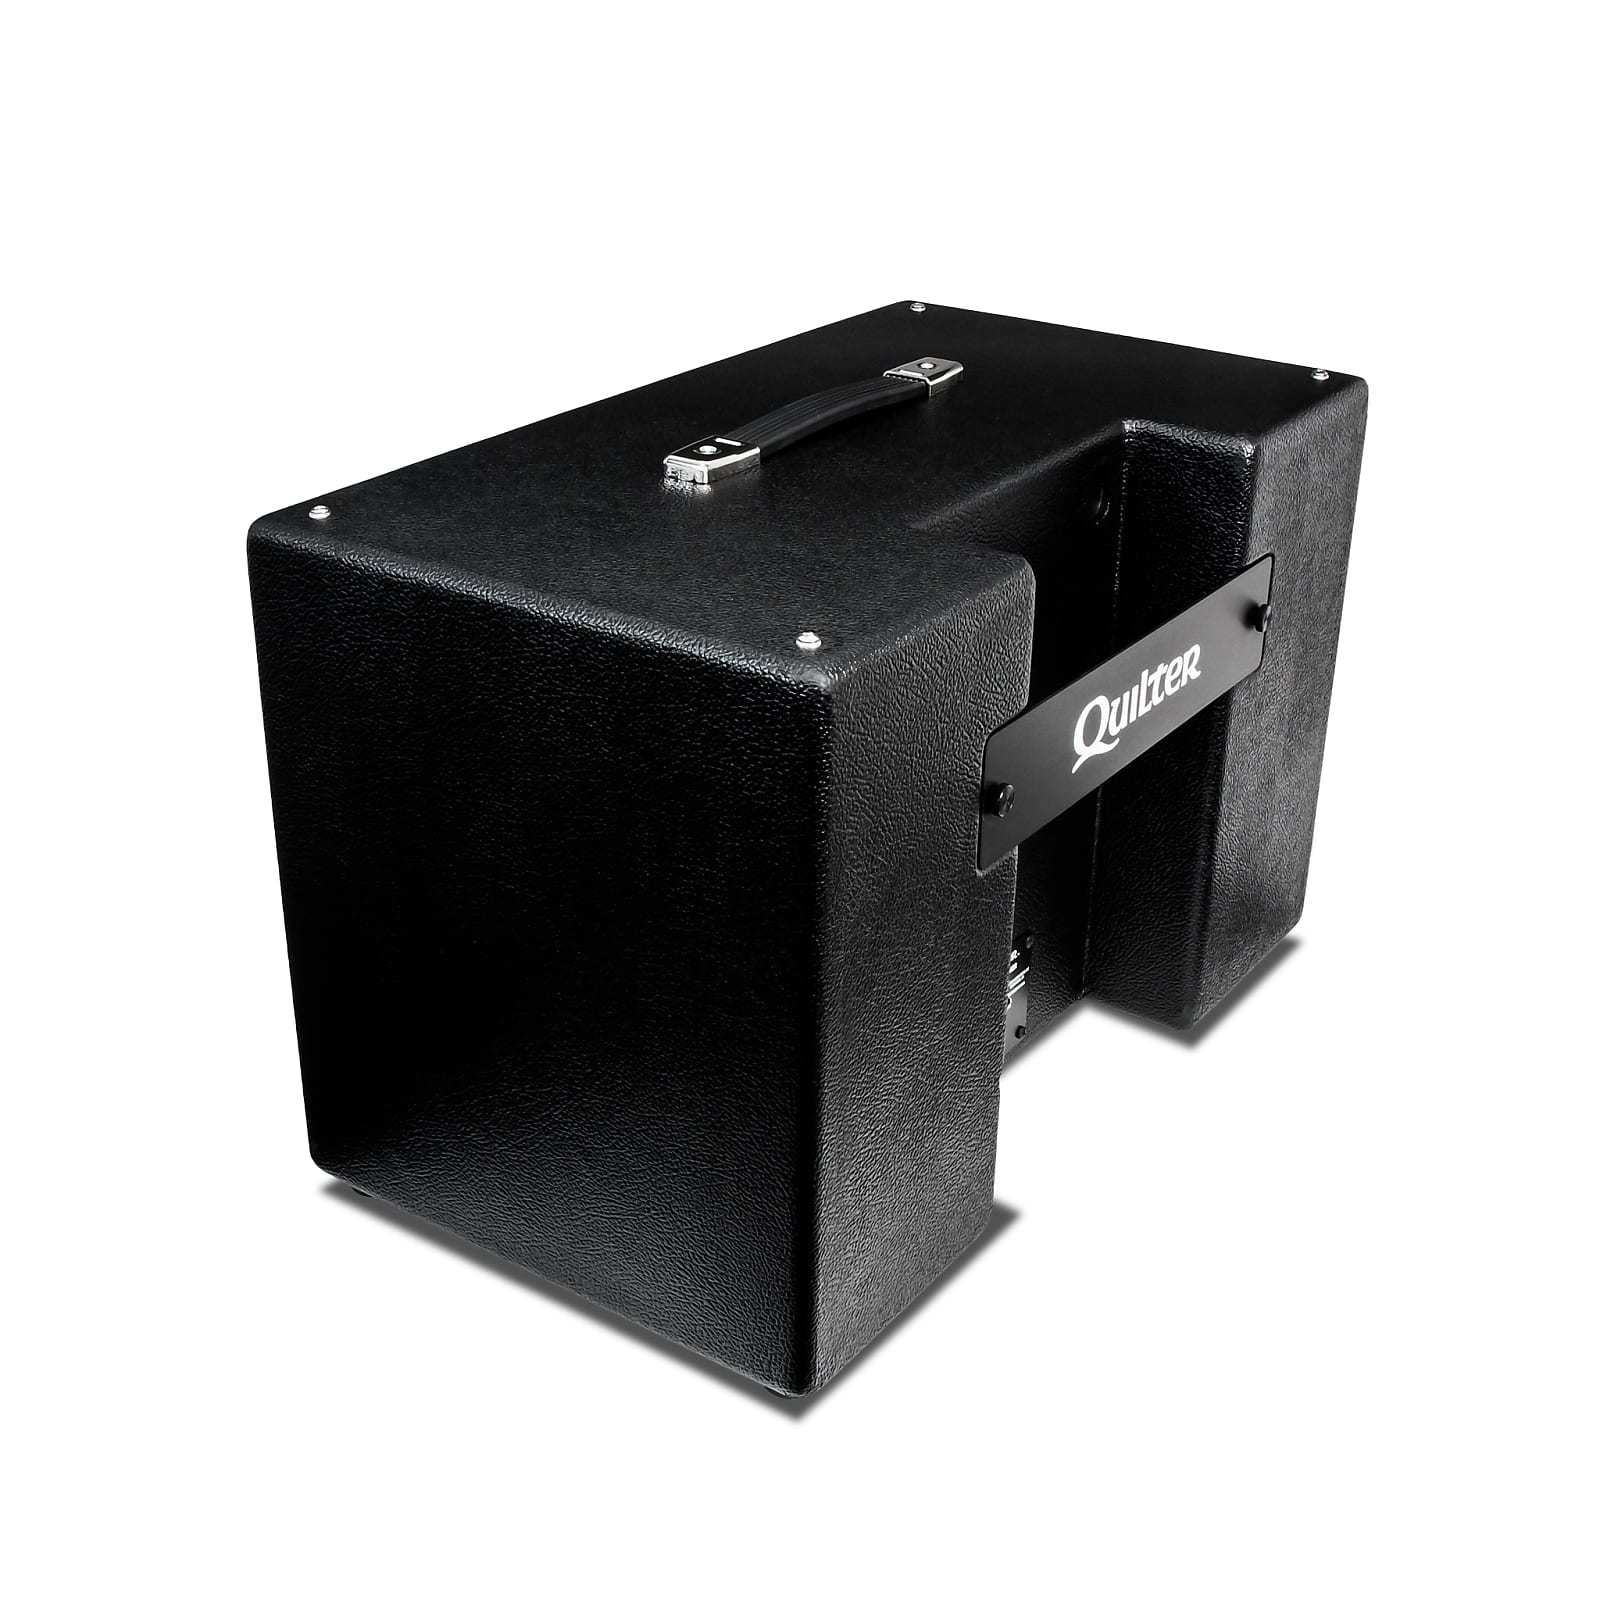 Quilter Bassliner 2x10C 450W 2x10'' 8 Ohm Bass Speaker Cabinet